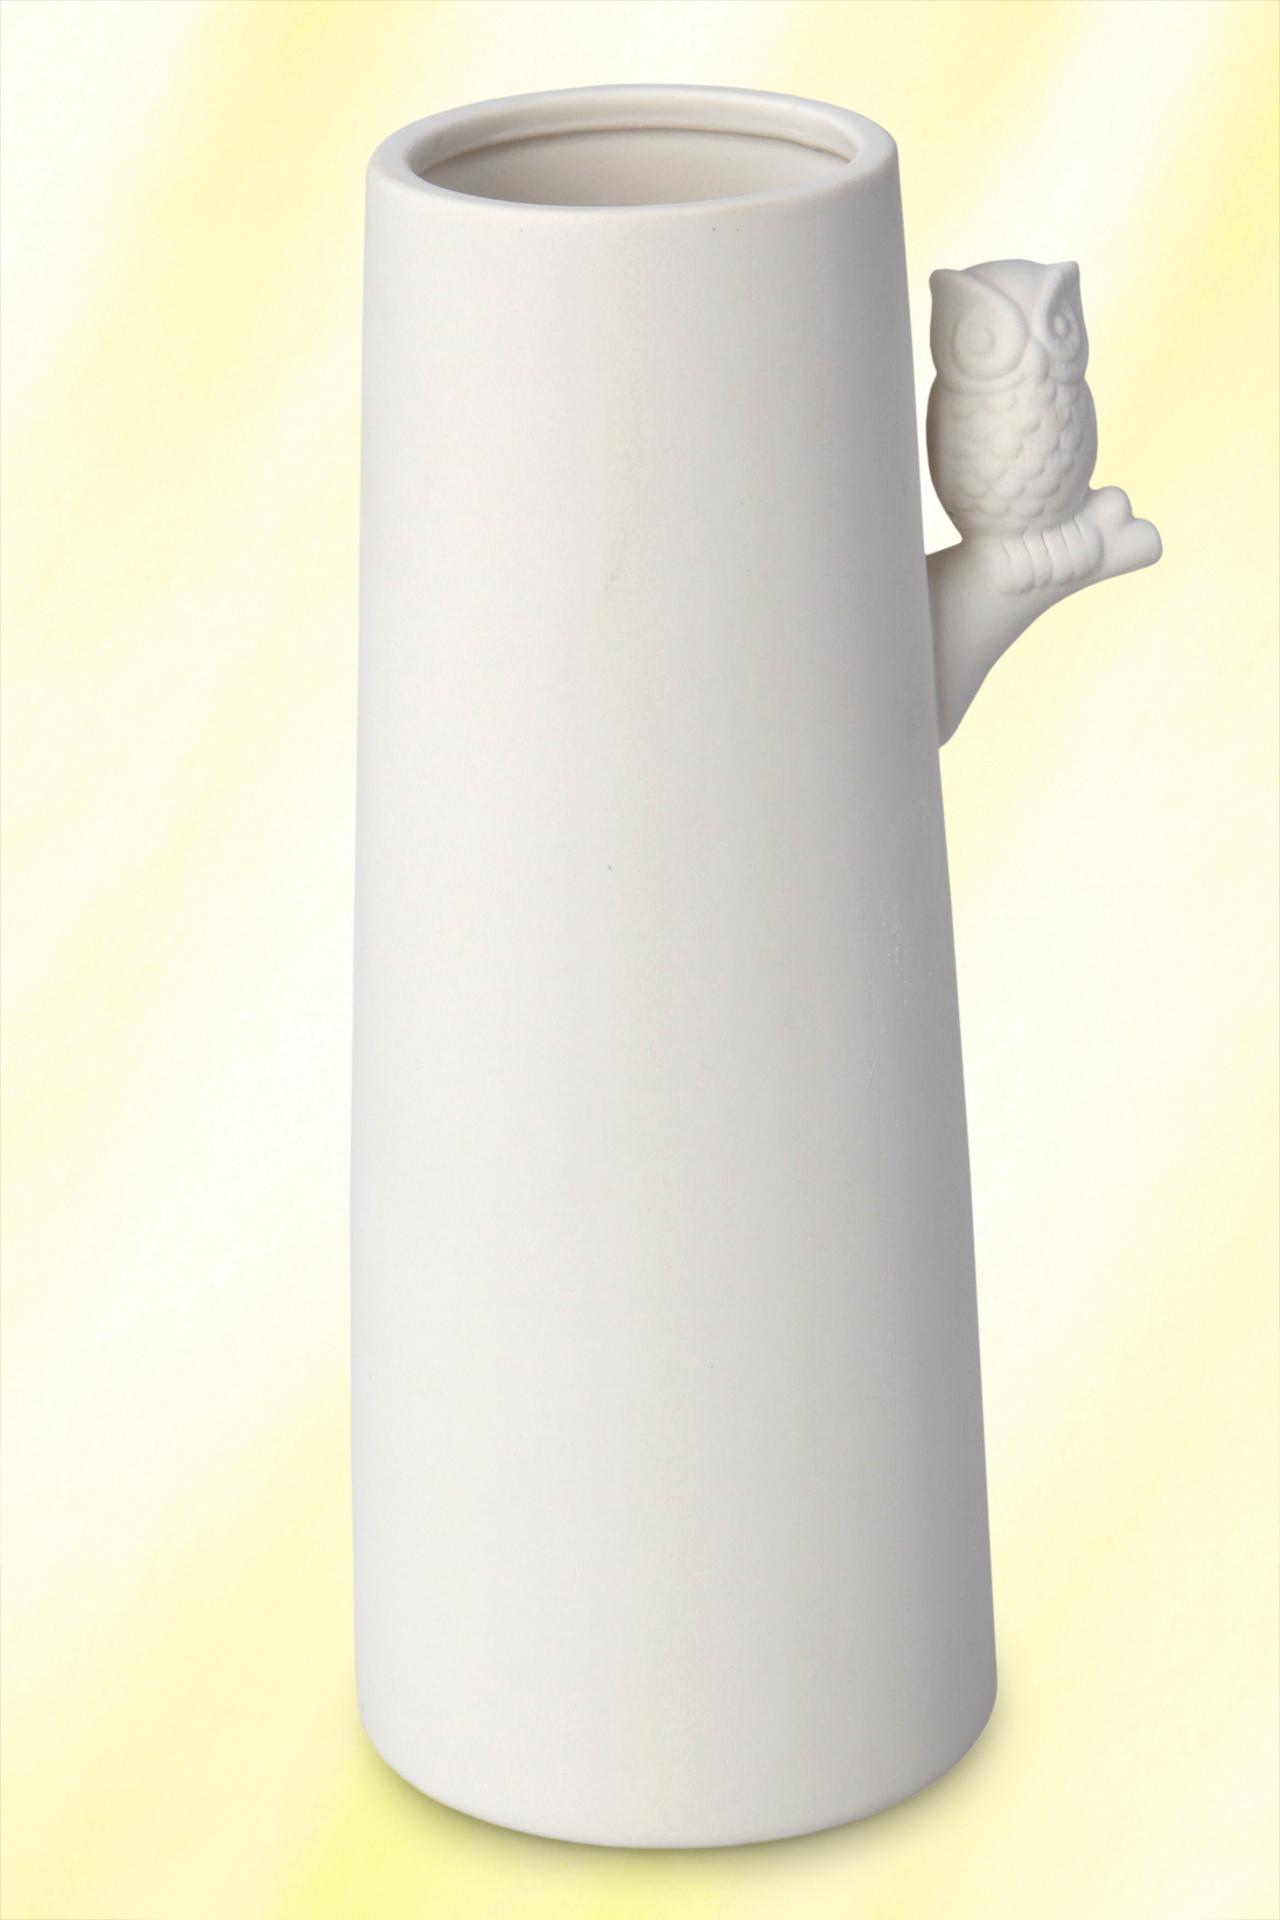 Vysová váza 25 cm z porcelánu, s aplikací sovy